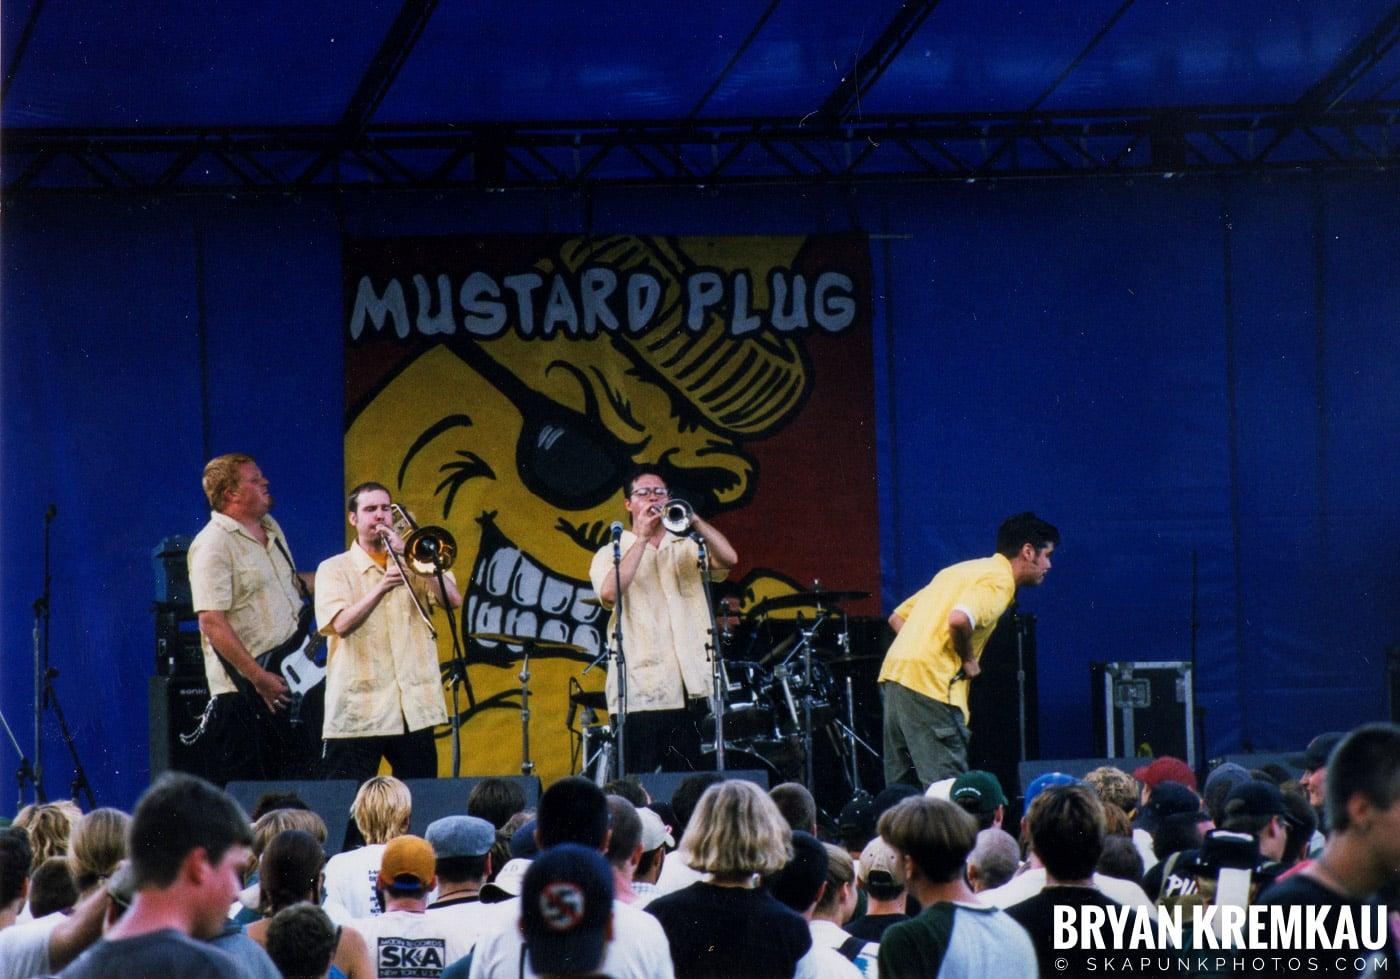 Mustard Plug @ New England Ska Fest 98, Westford, MA - 8.22.98 (7)